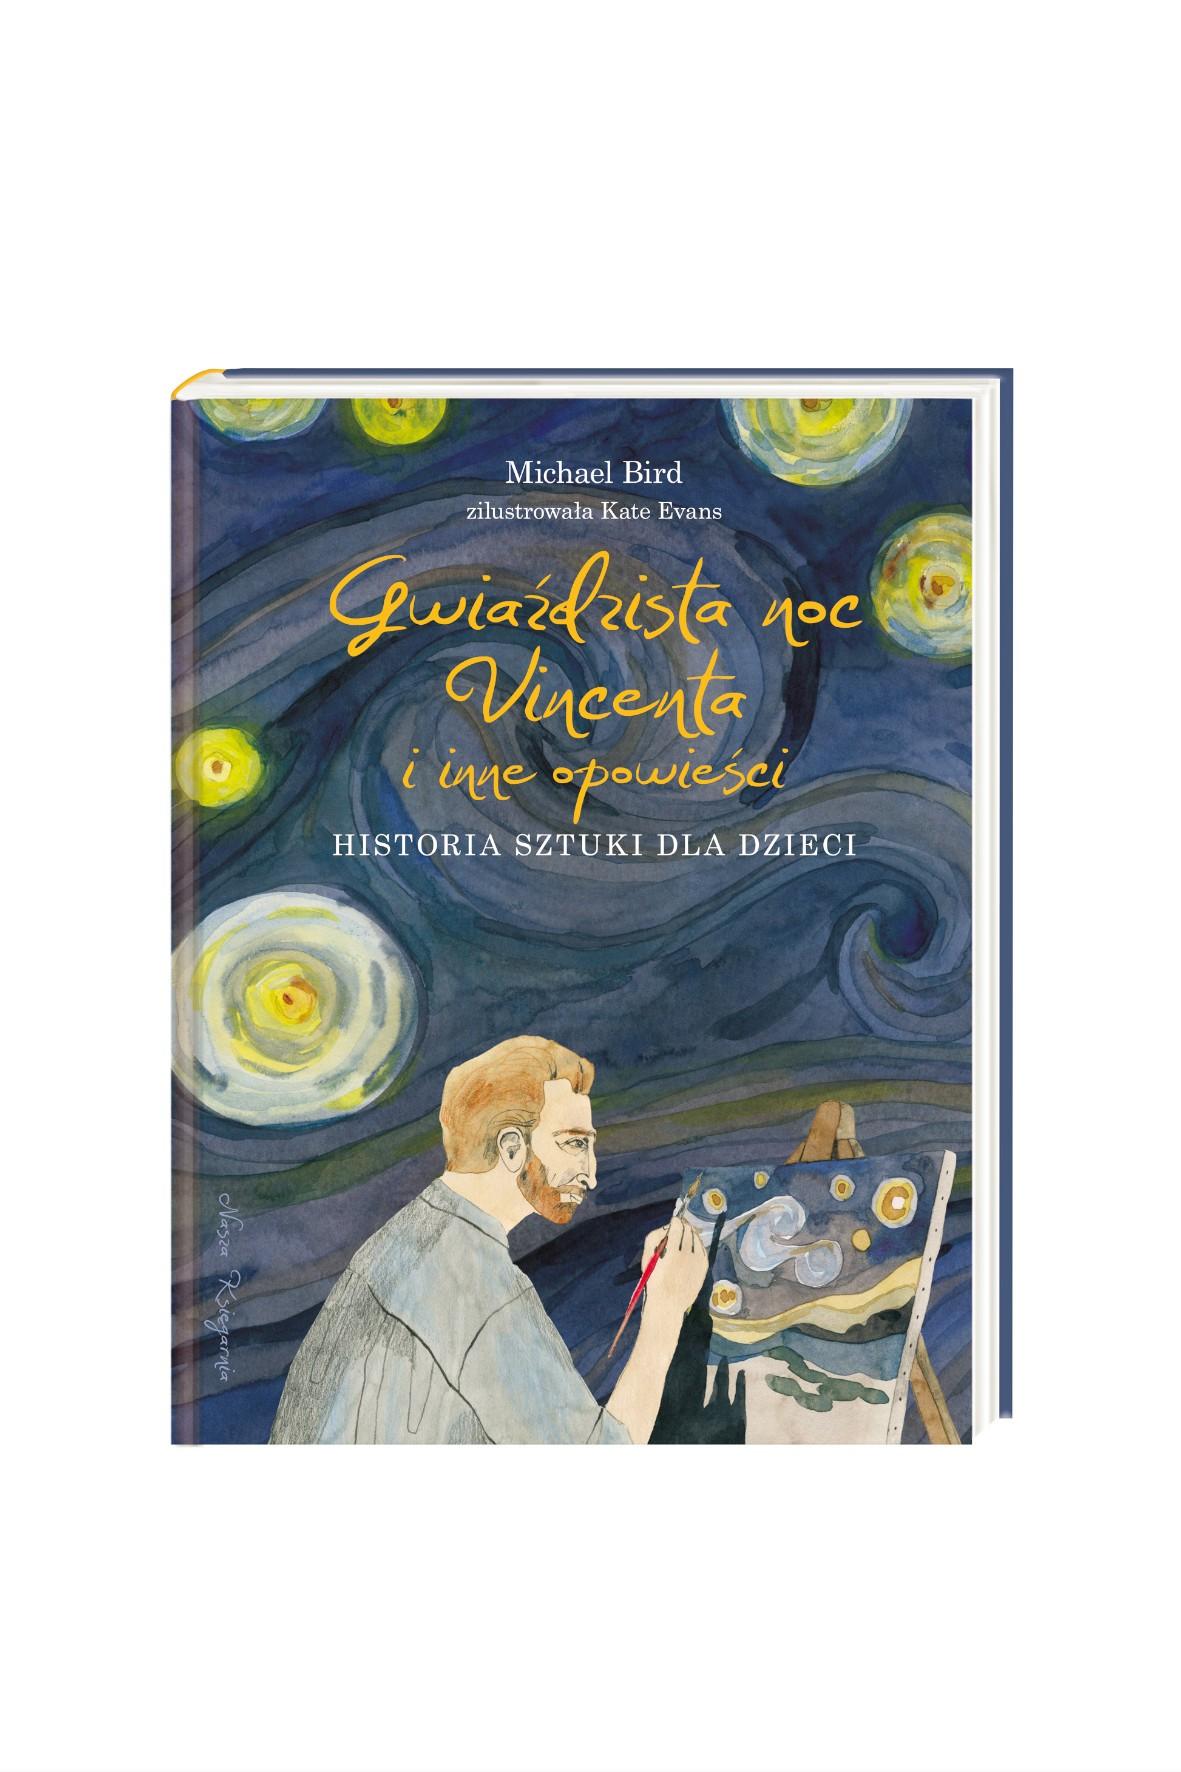 Gwiaździsta noc Vincenta i inne opowieści. Historia sztuki dla dzieci-M.Bird